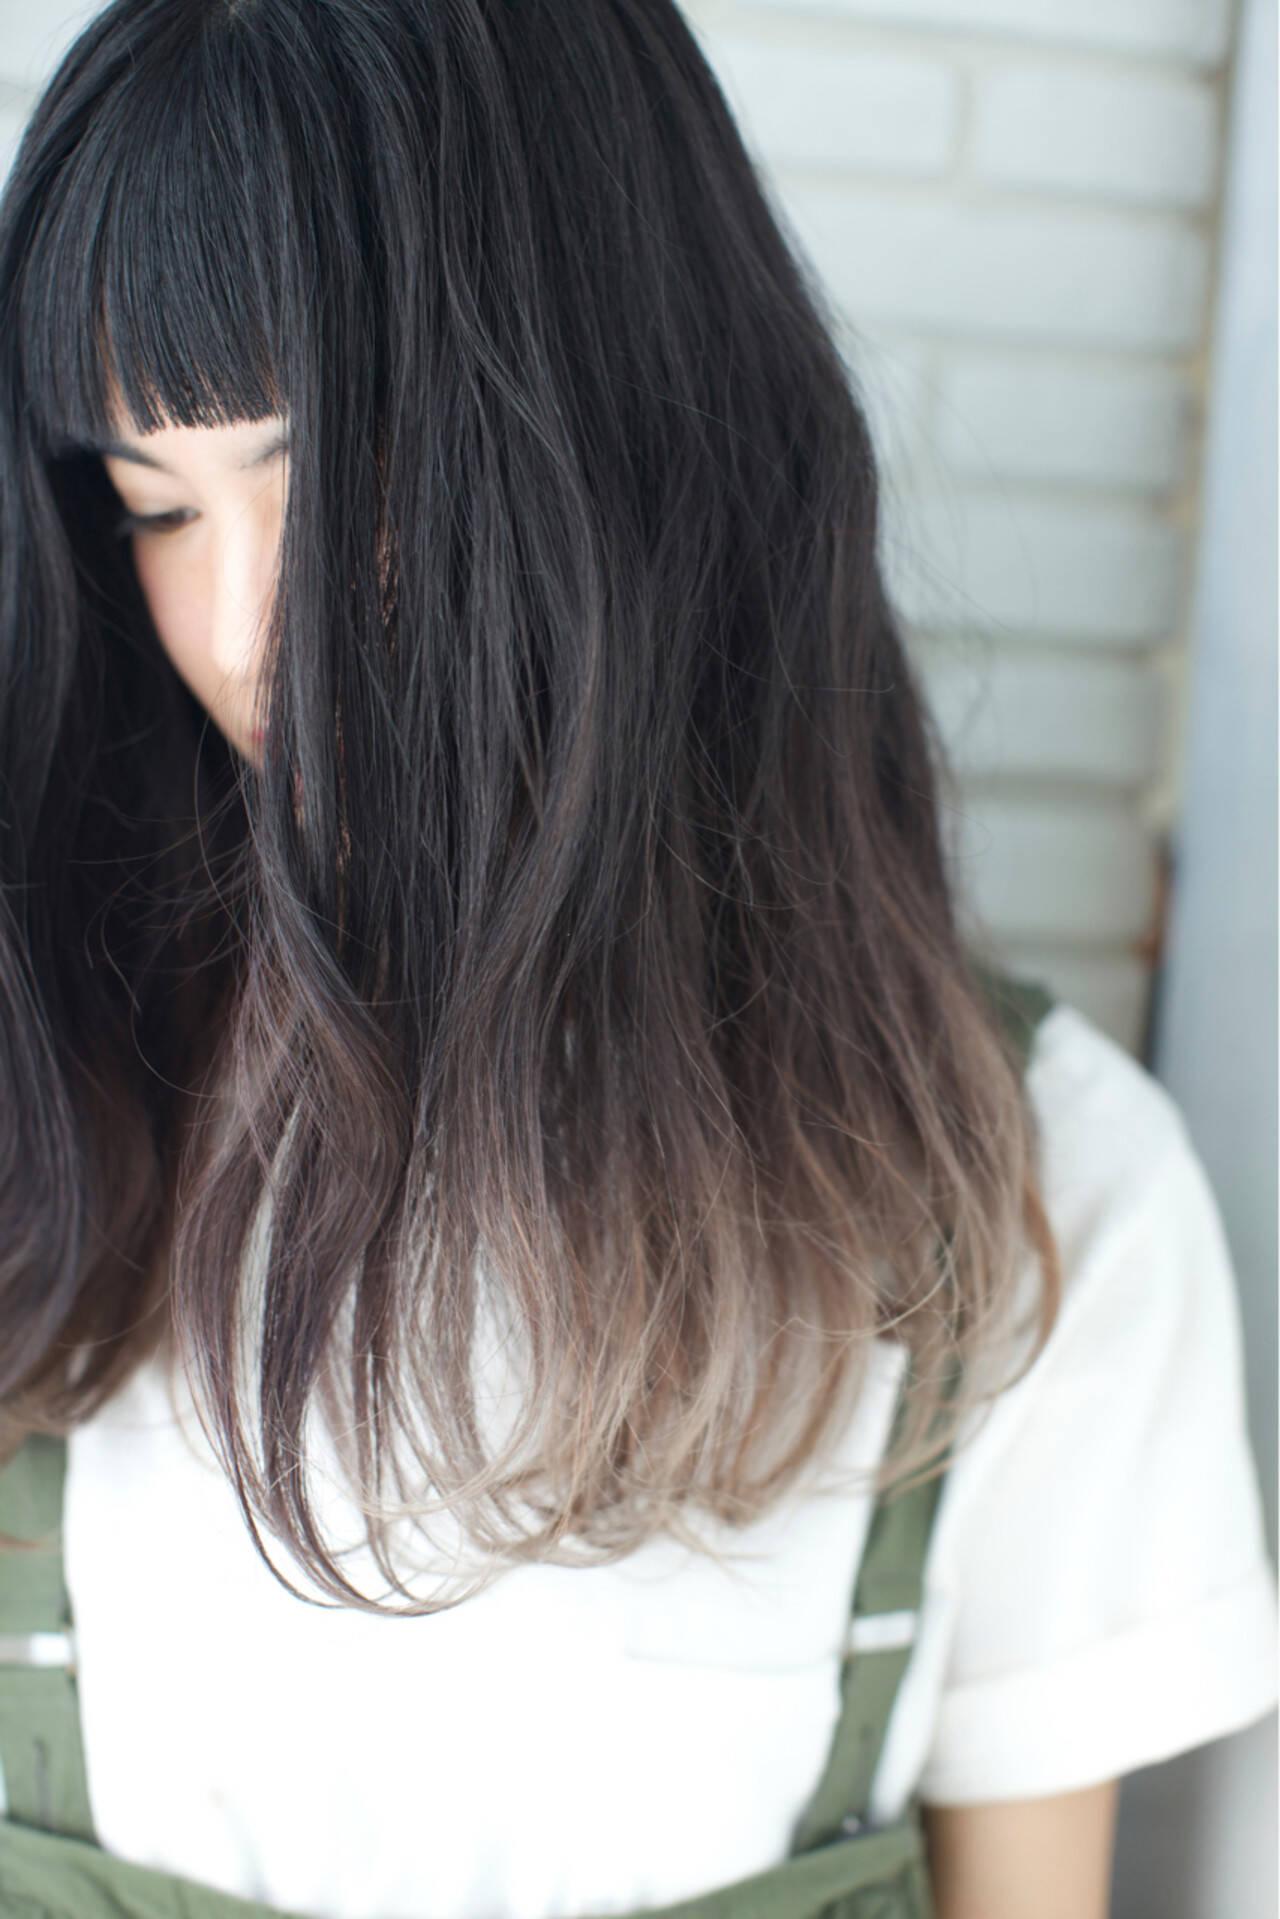 セミロング オン眉 アッシュ パーマヘアスタイルや髪型の写真・画像